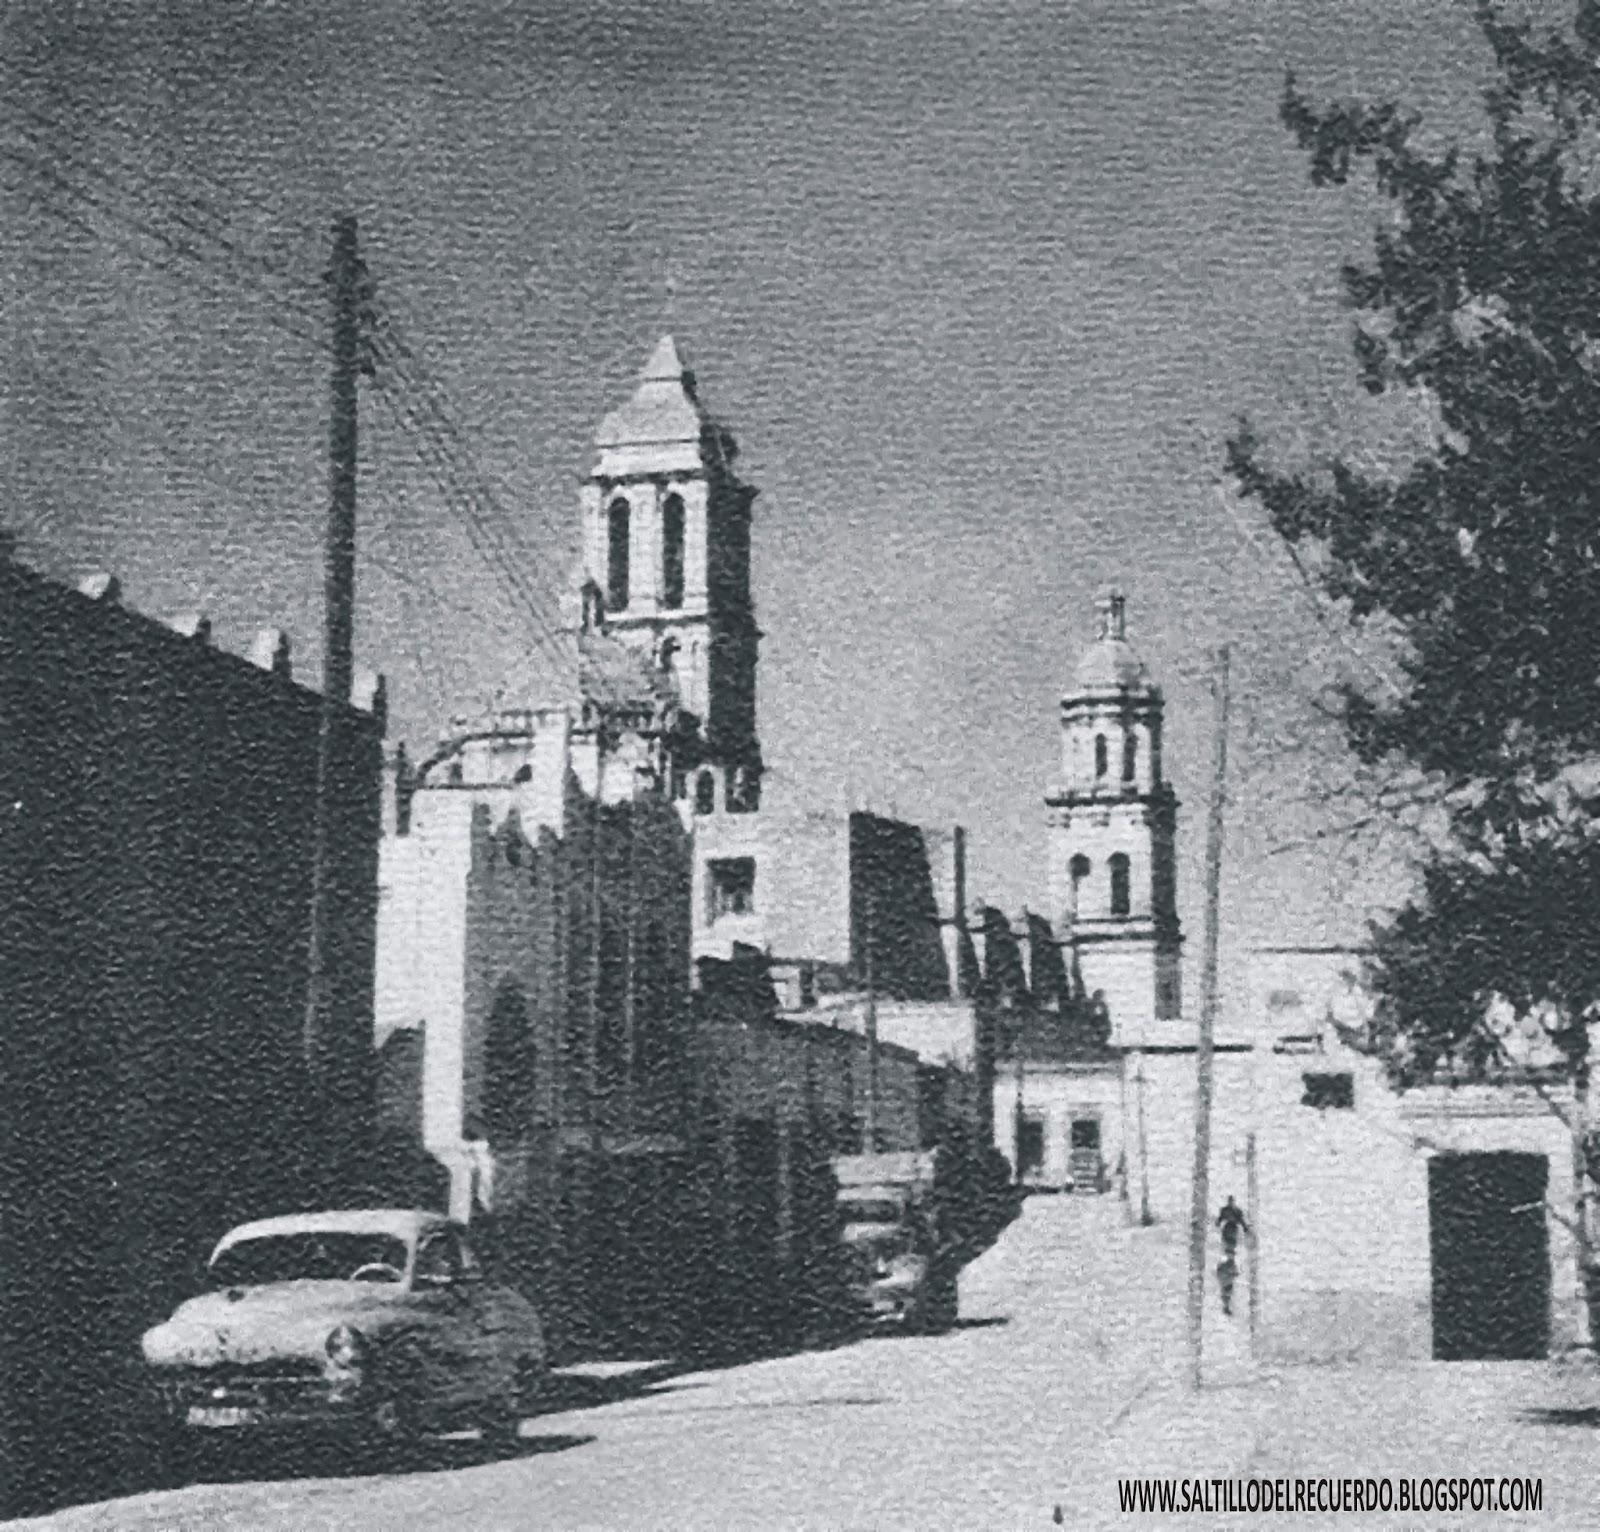 Saltillo del recuerdo la calle de castelar saltillo for Calle castelar